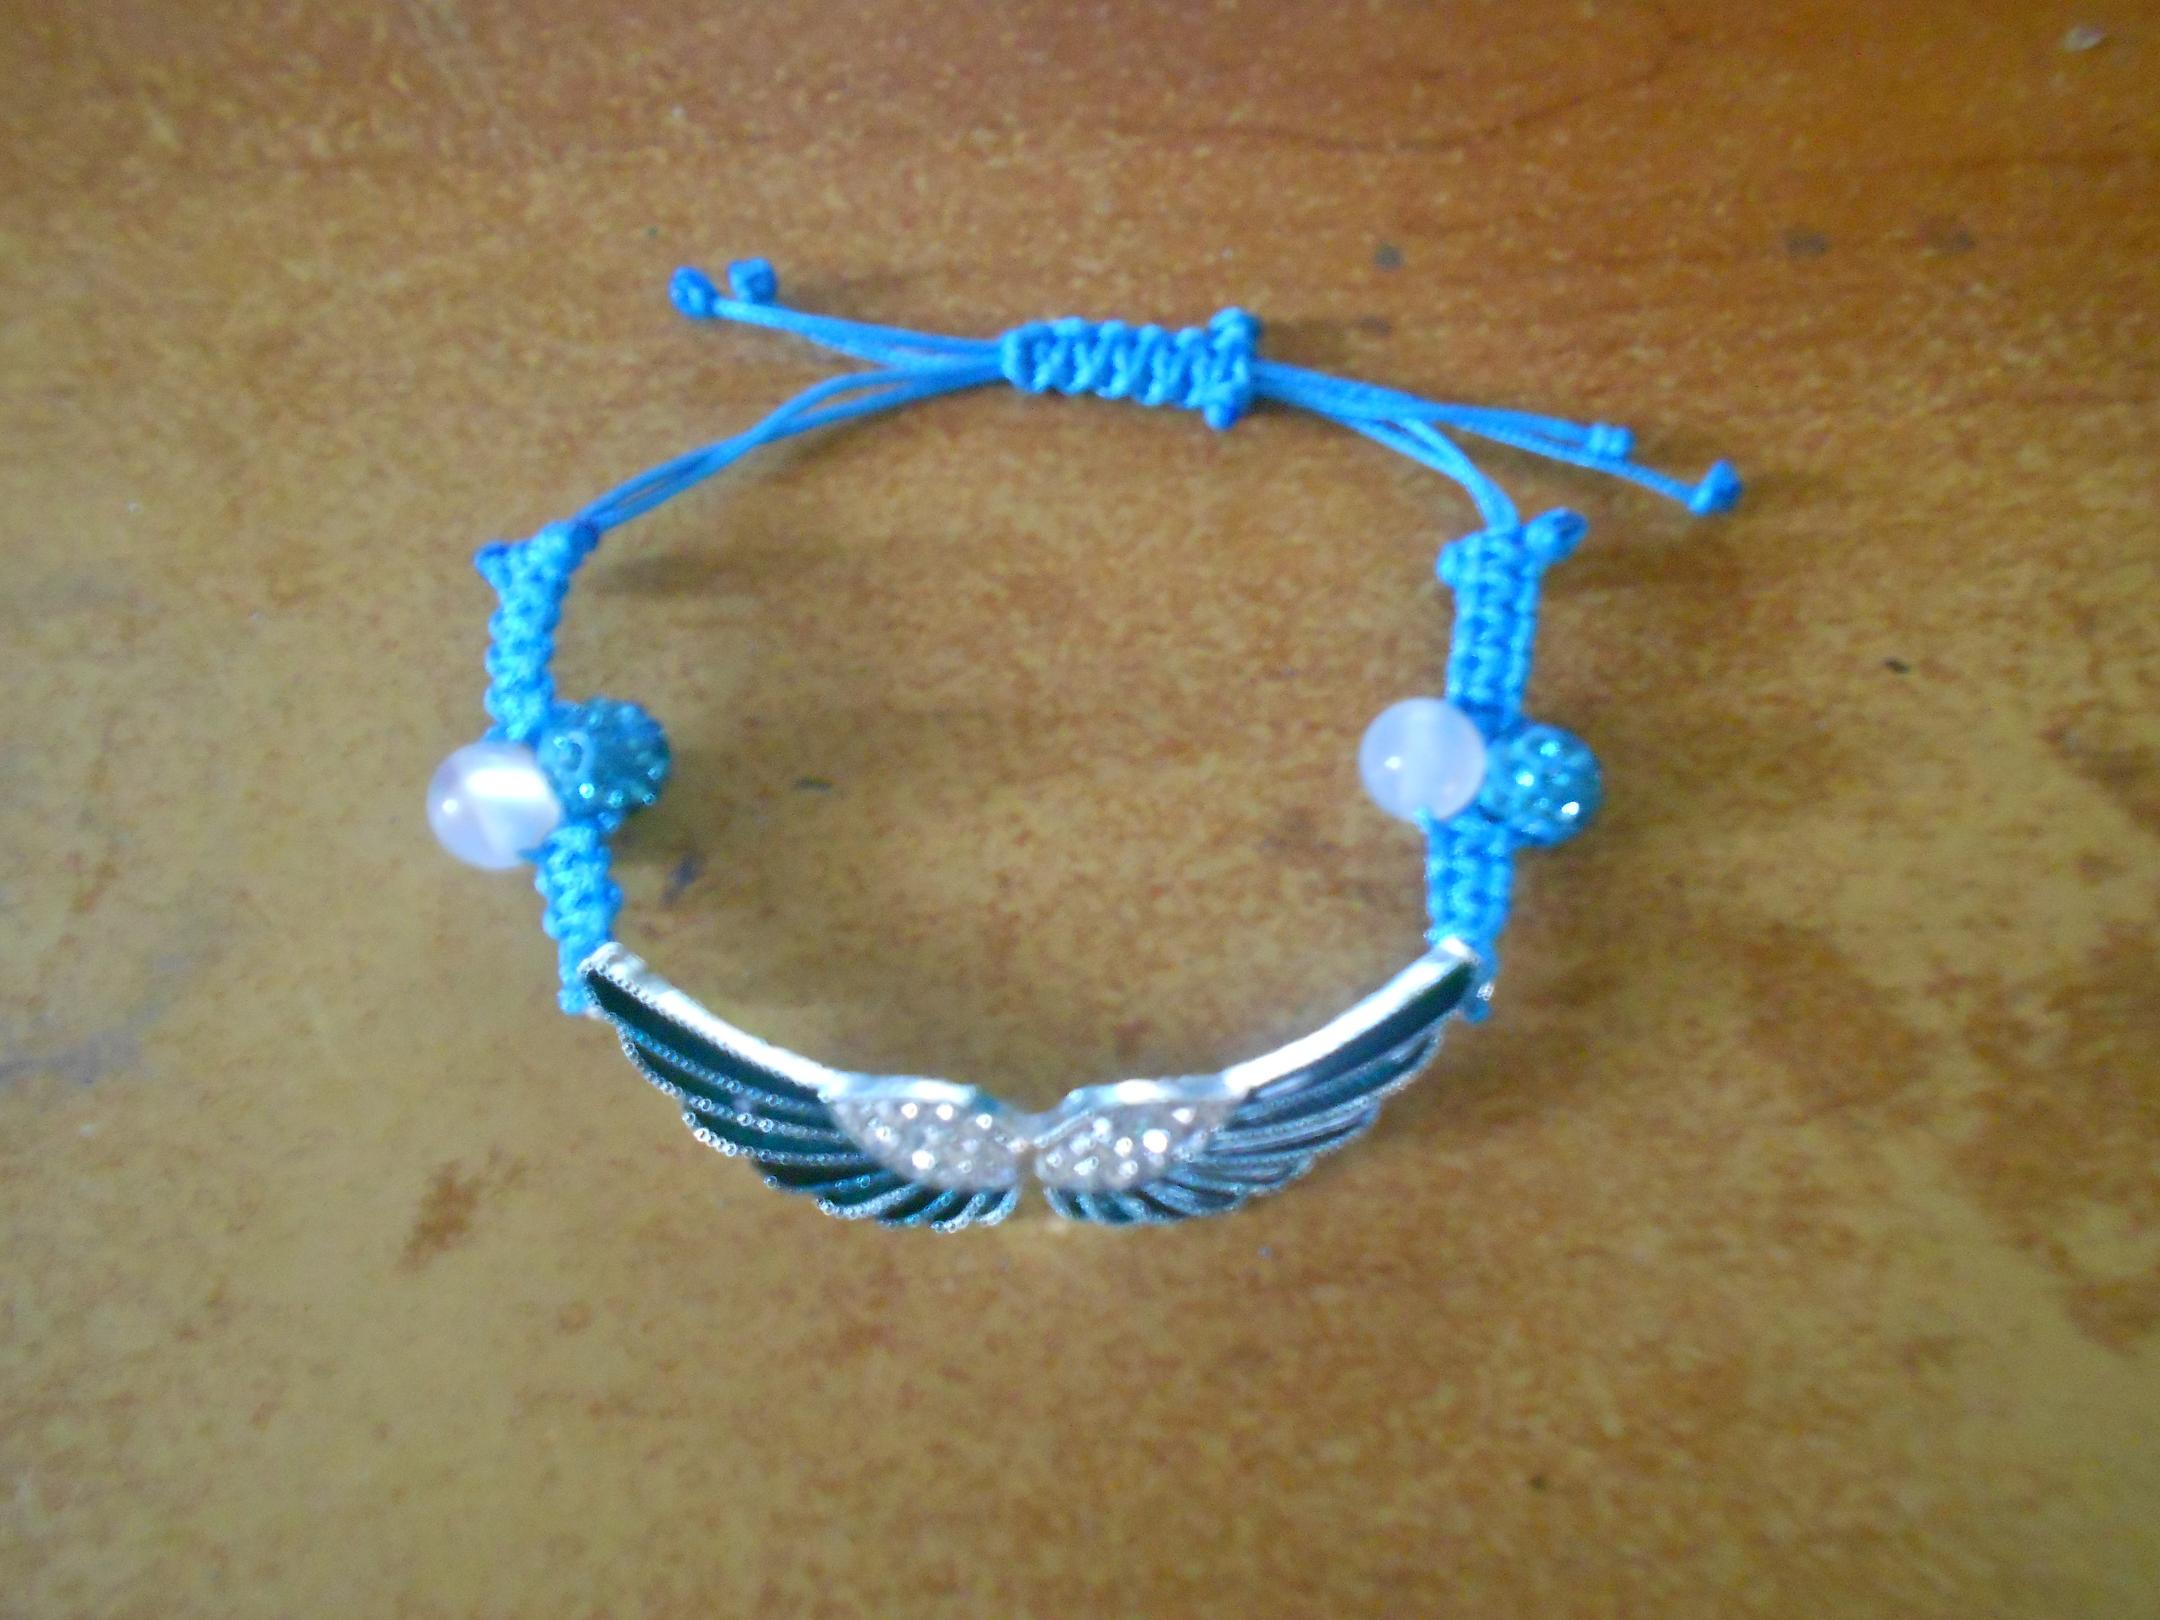 un bracelet en hommage a votre ange - Page 2 983090braceletmilan1